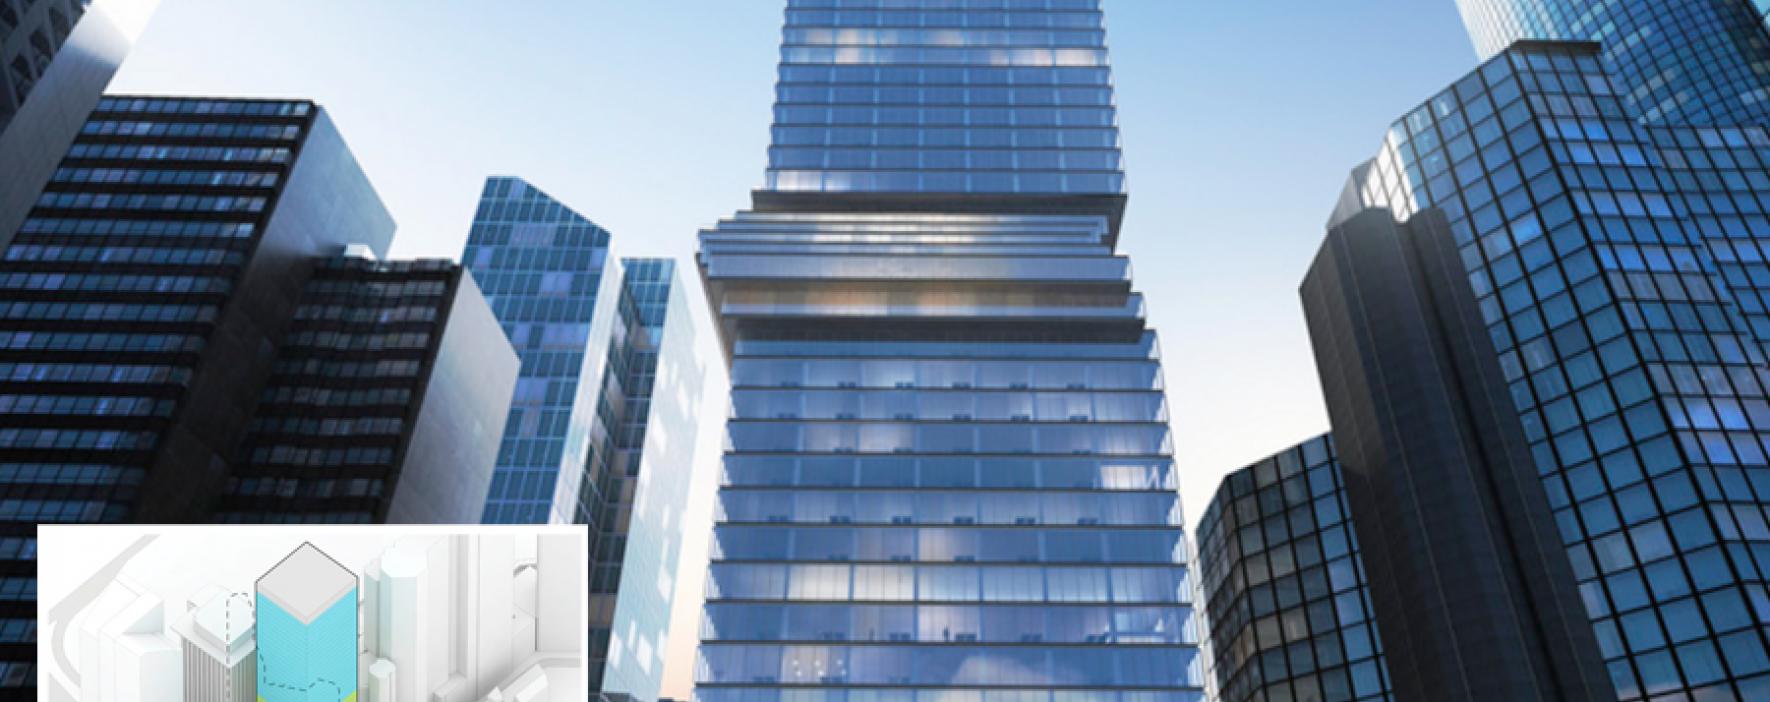 Torre de 185 Metros nuevo desafío BIG